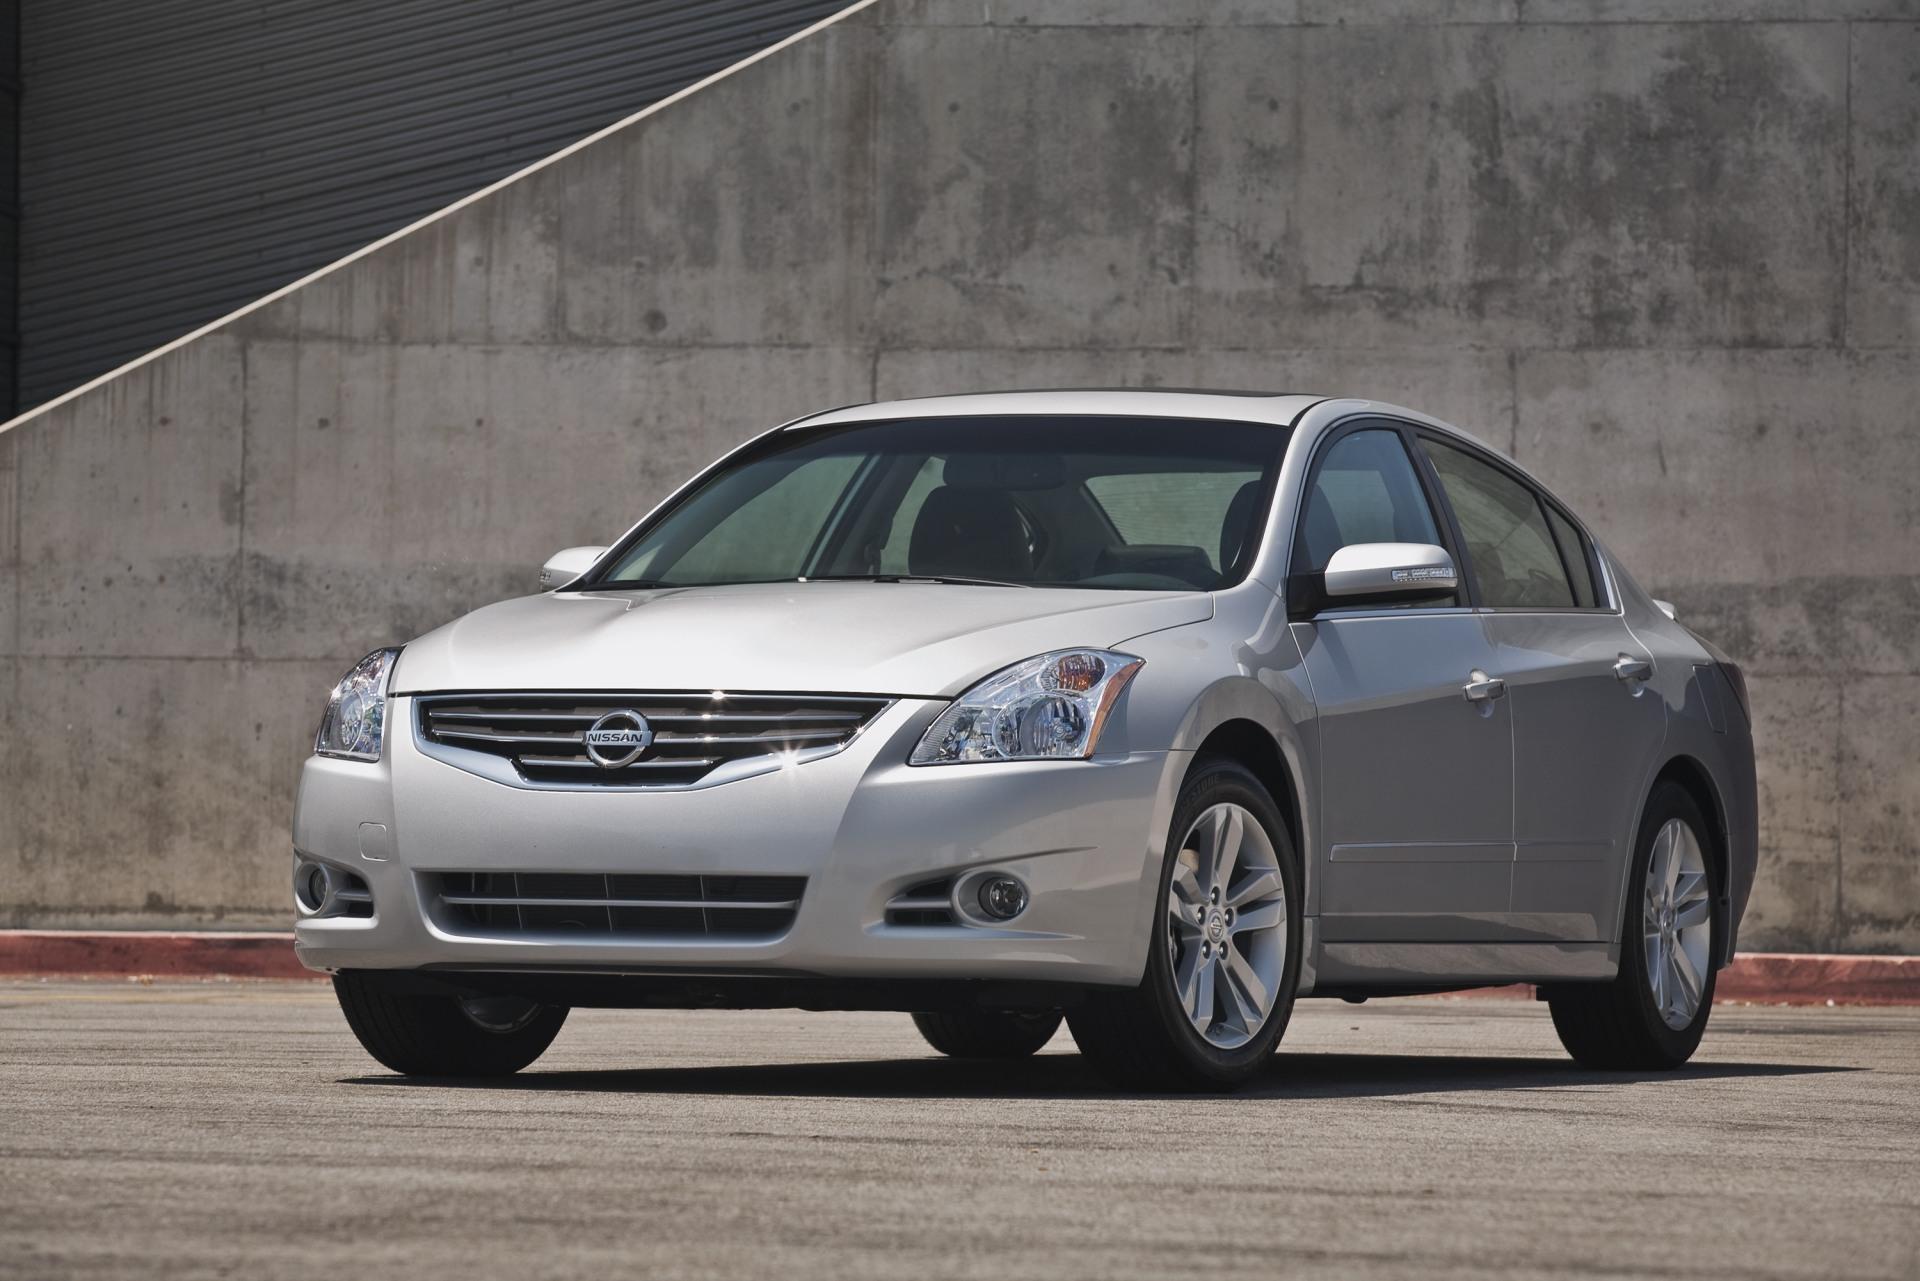 2011 Nissan Altima News and Information   conceptcarz.com